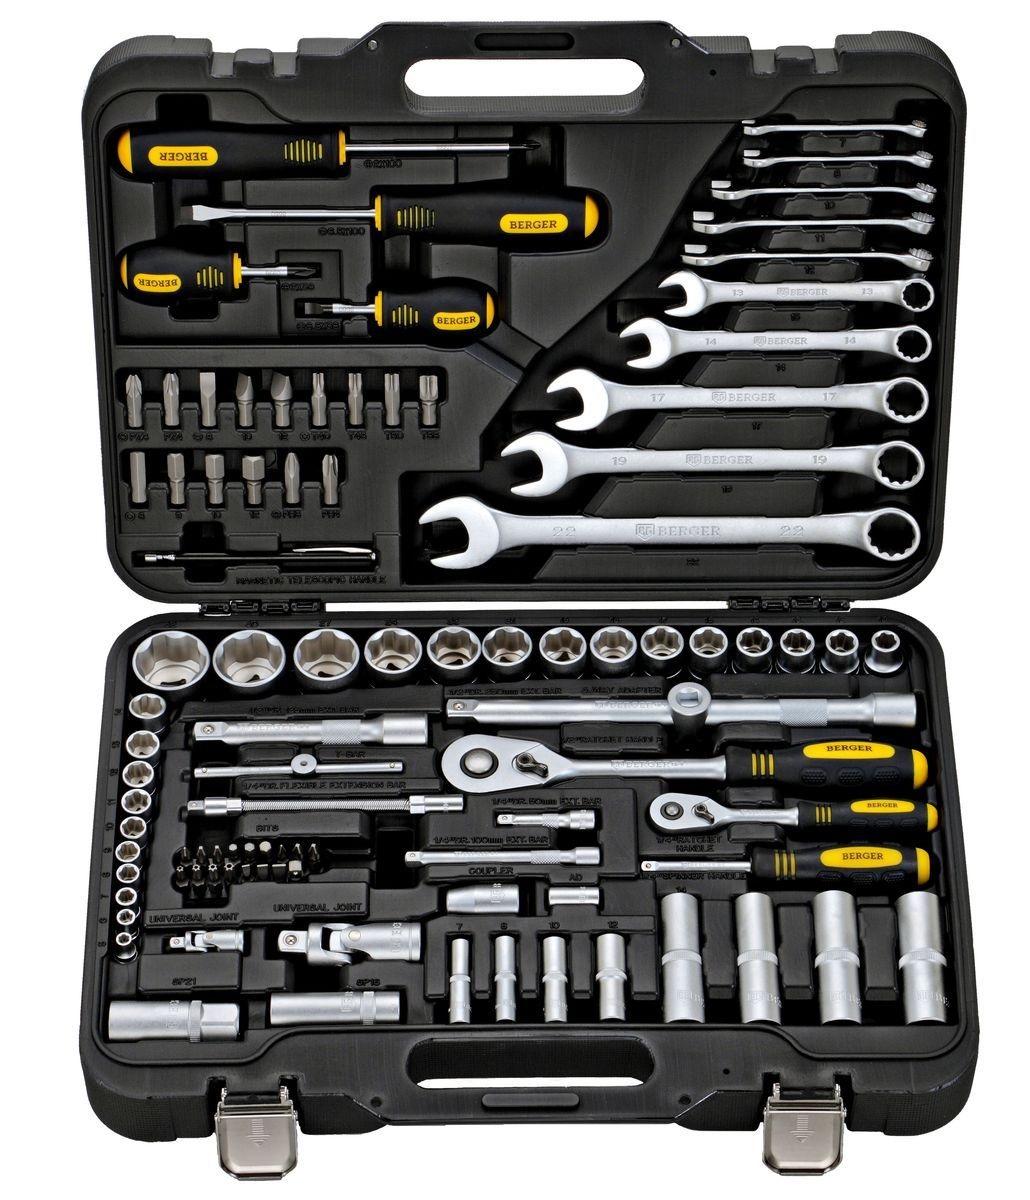 Универсальный набор инструментов Berger Bg095-1214 универсальный набор инструментов berger 151 предмет bg151 1214